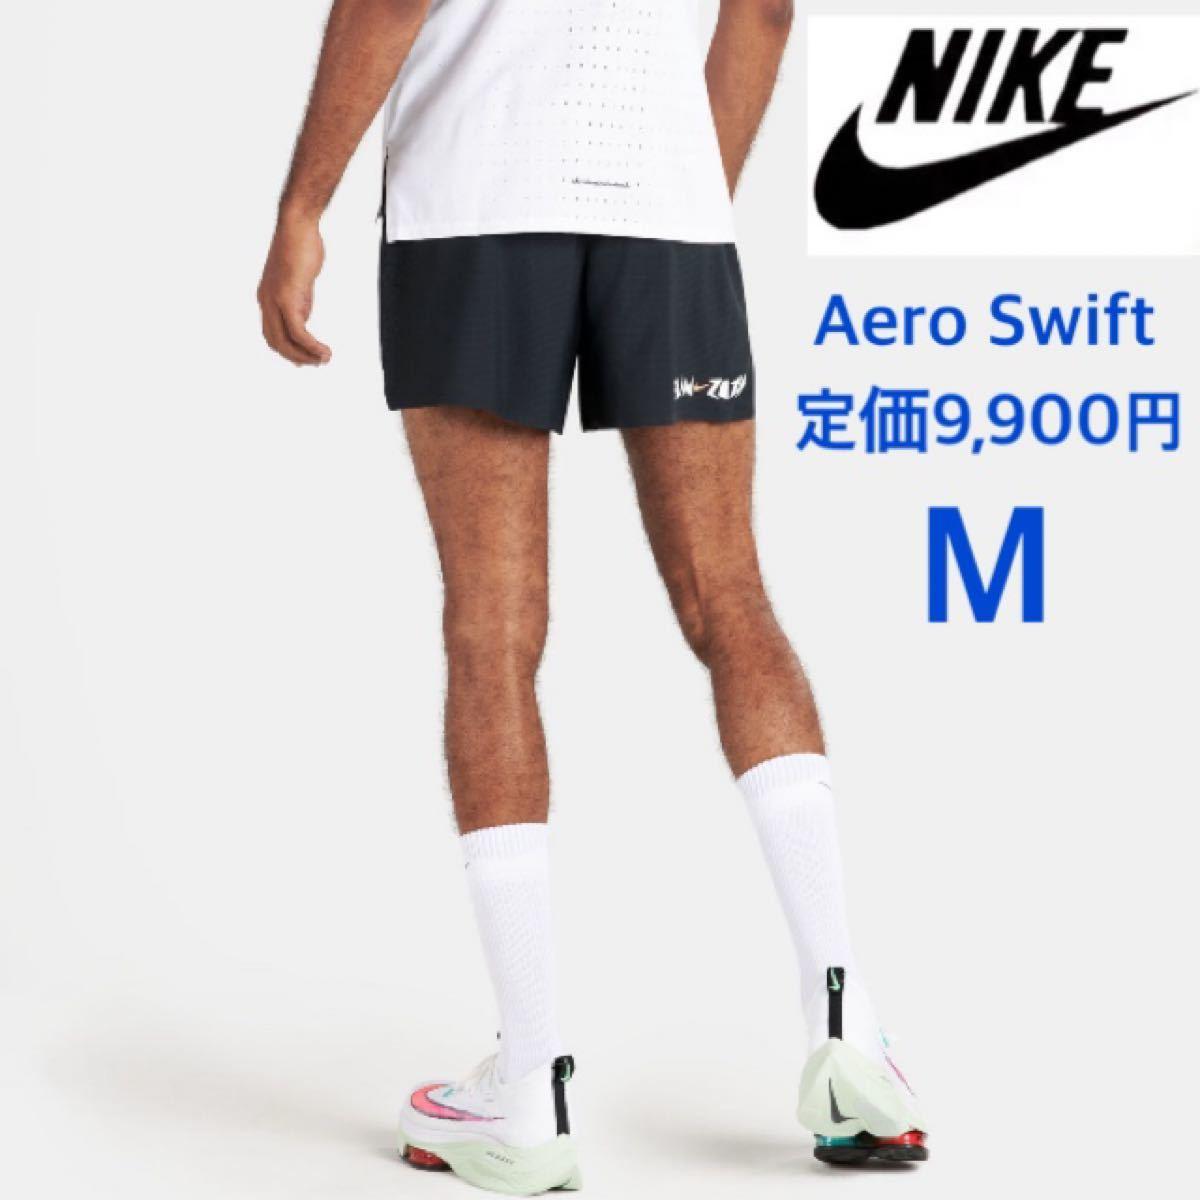 NIKE ナイキ AeroSwift エアロスイフト ベルリン10cm メンズM